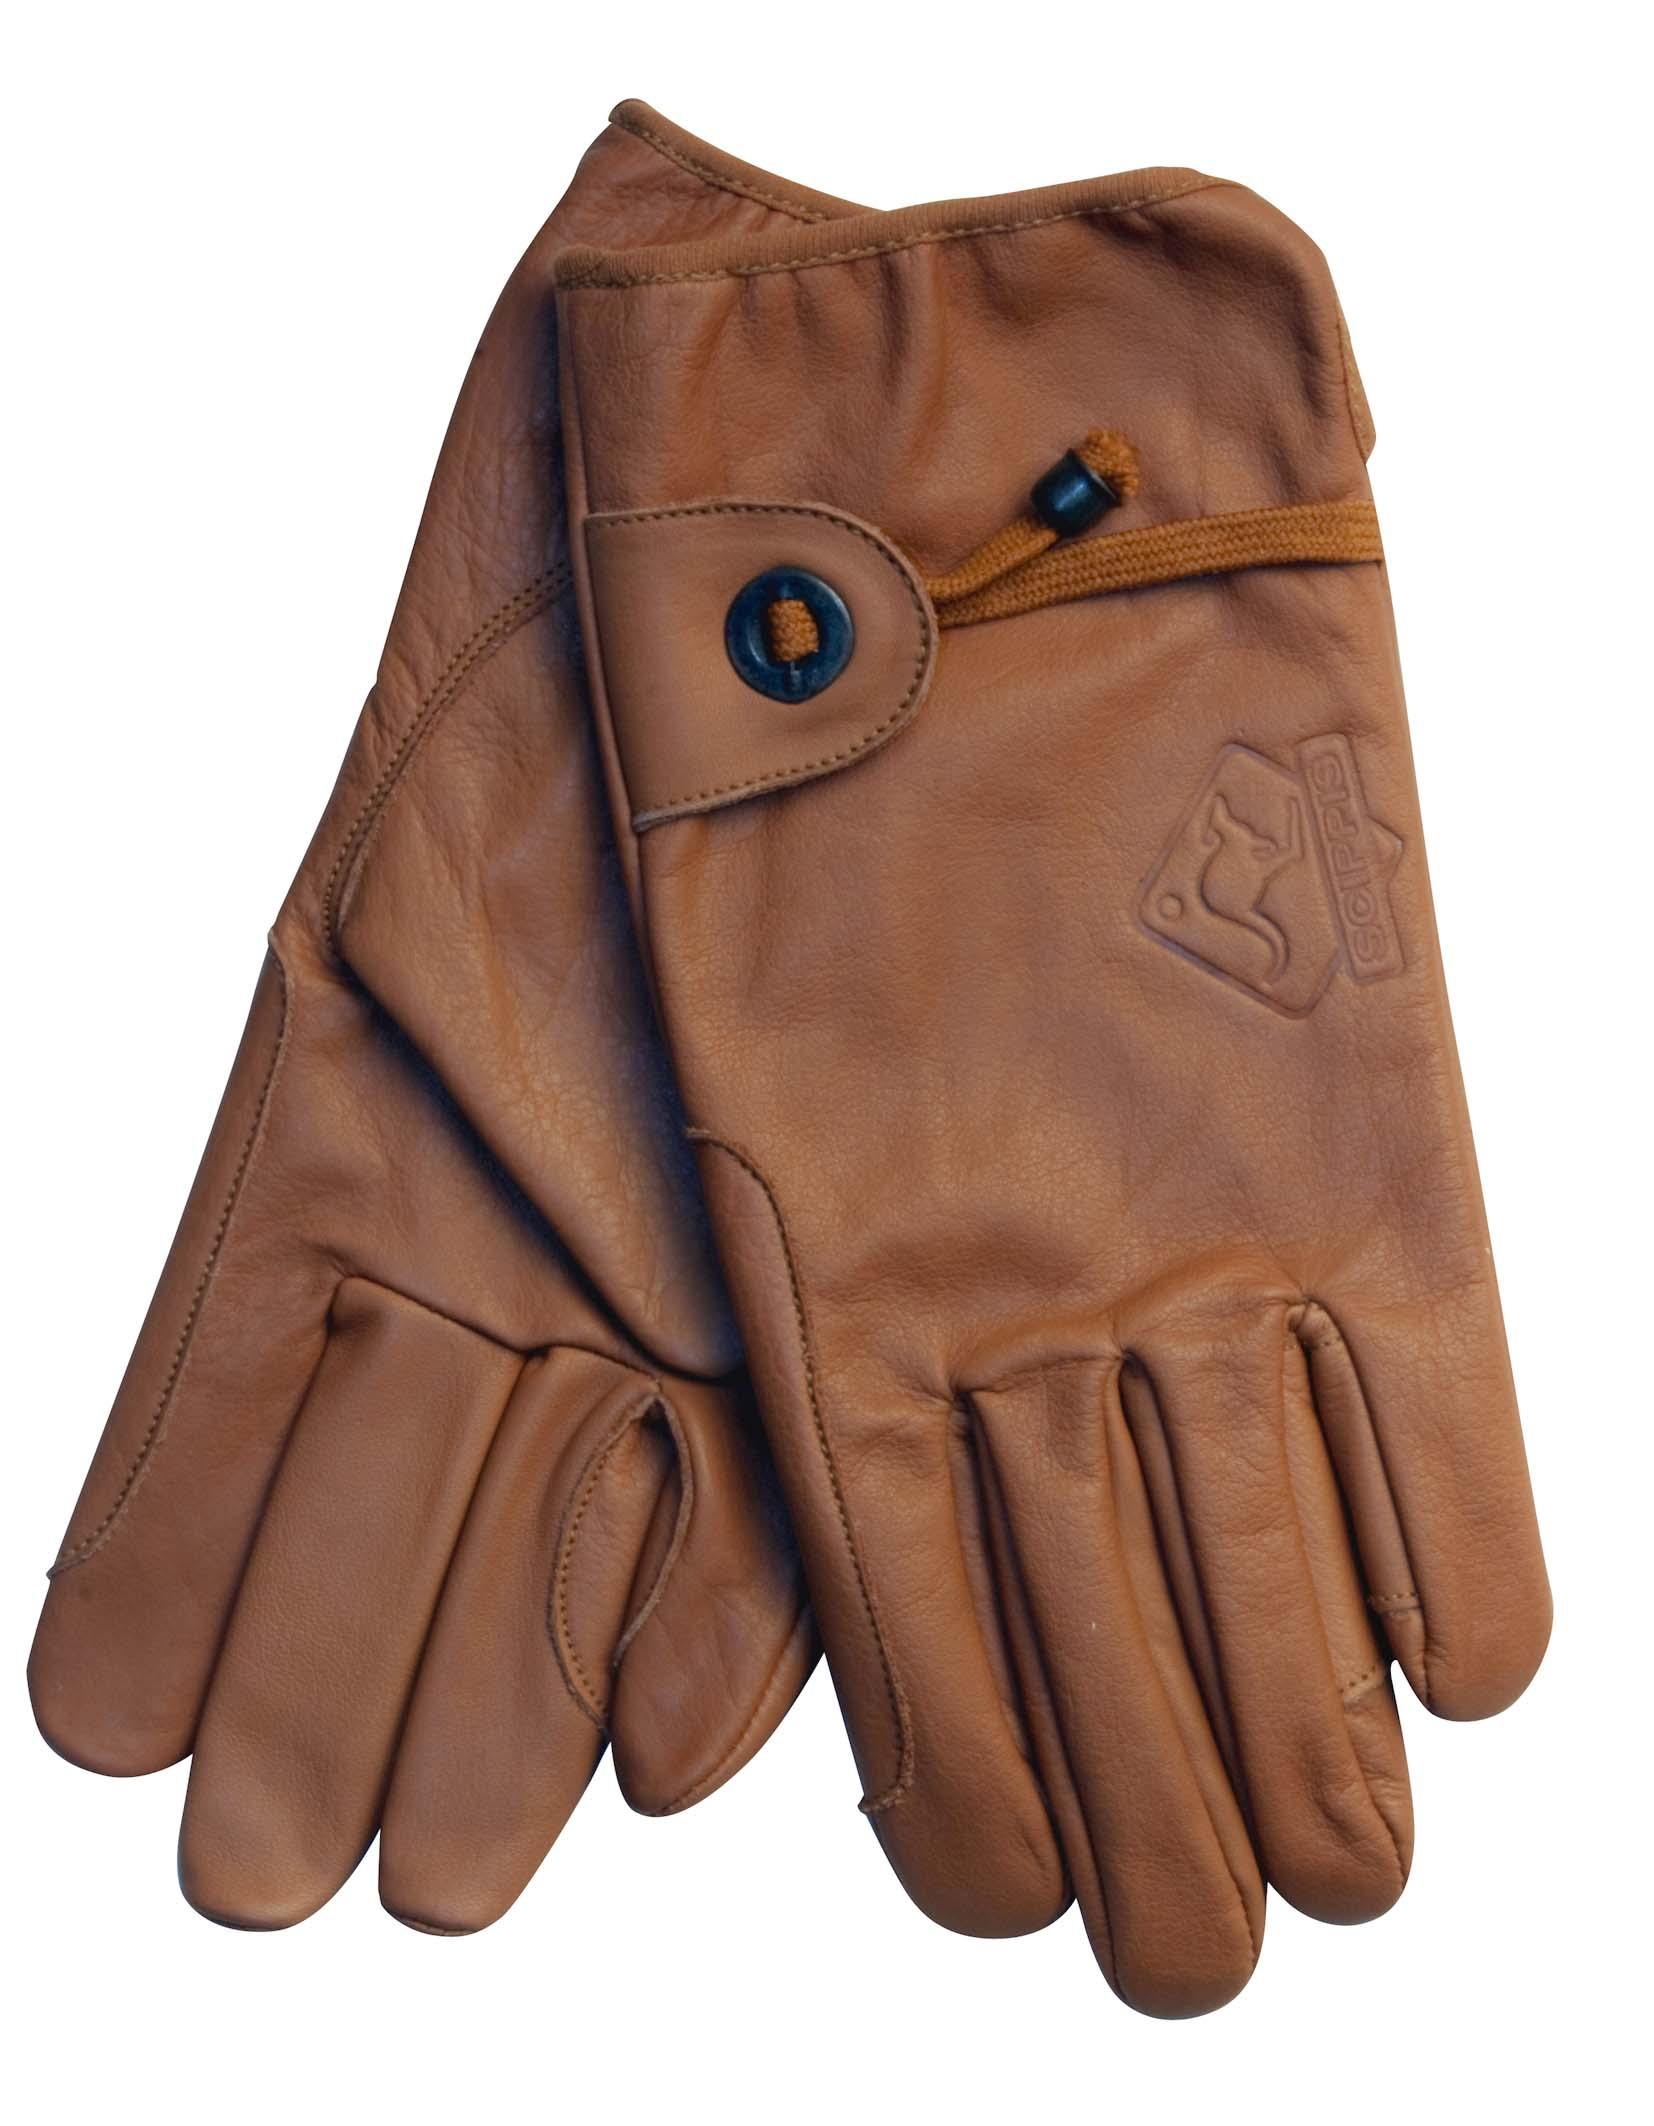 Scippis Leder Handschuhe-Braun-XS